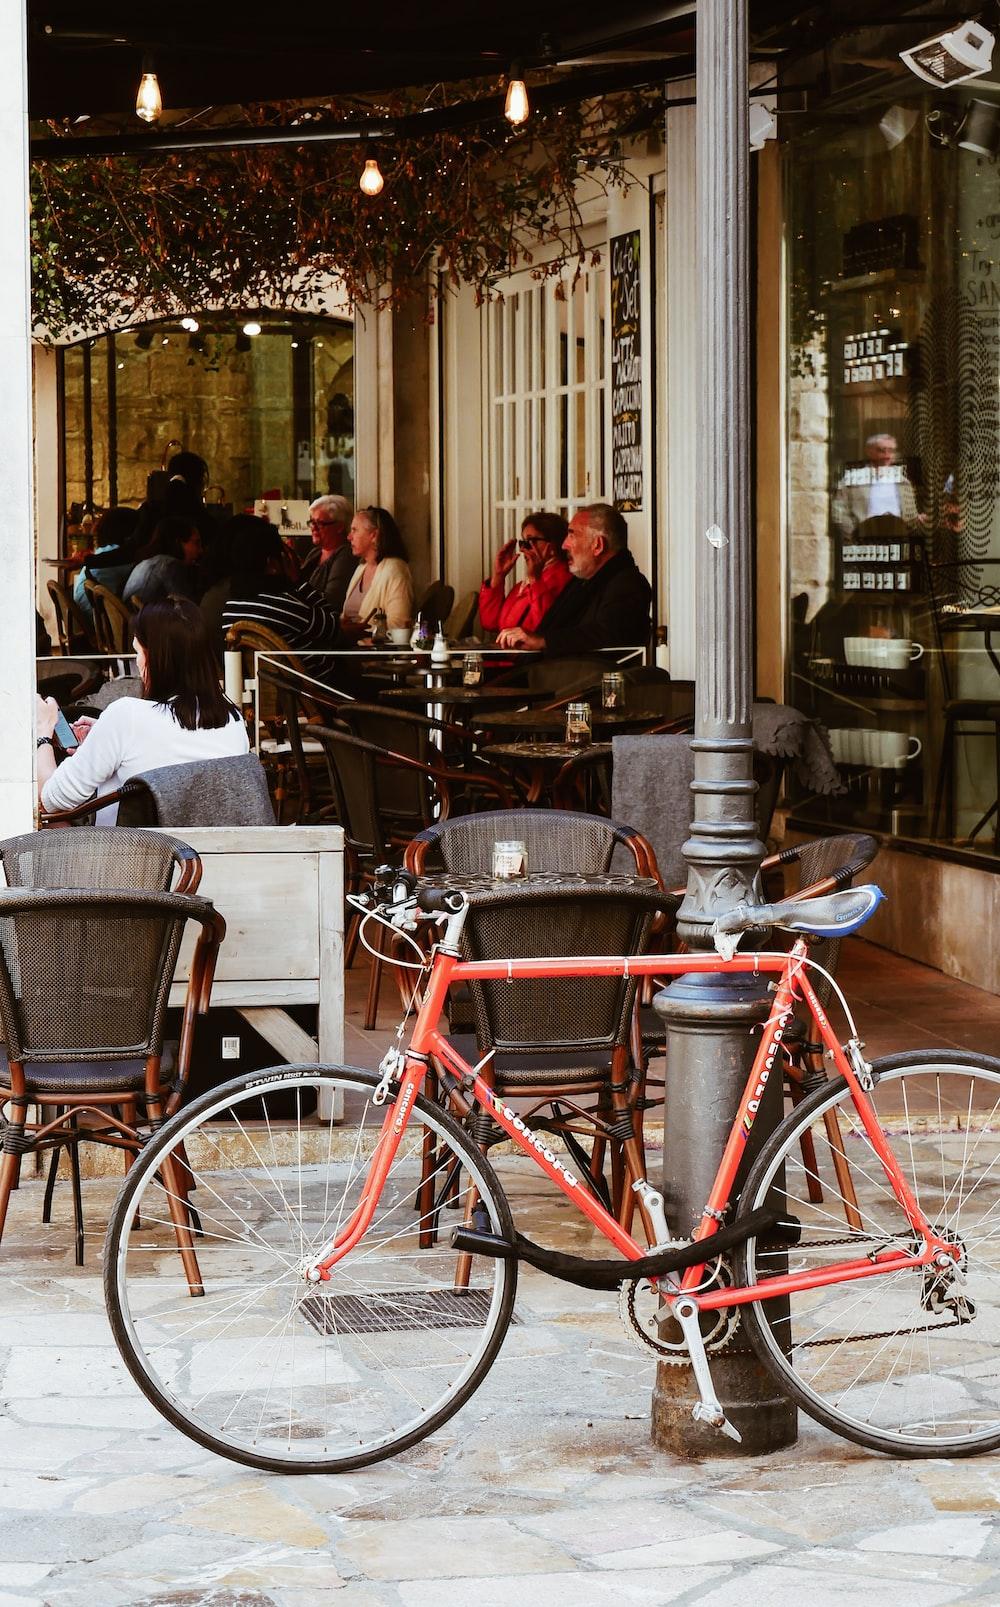 red commuter bike near pole